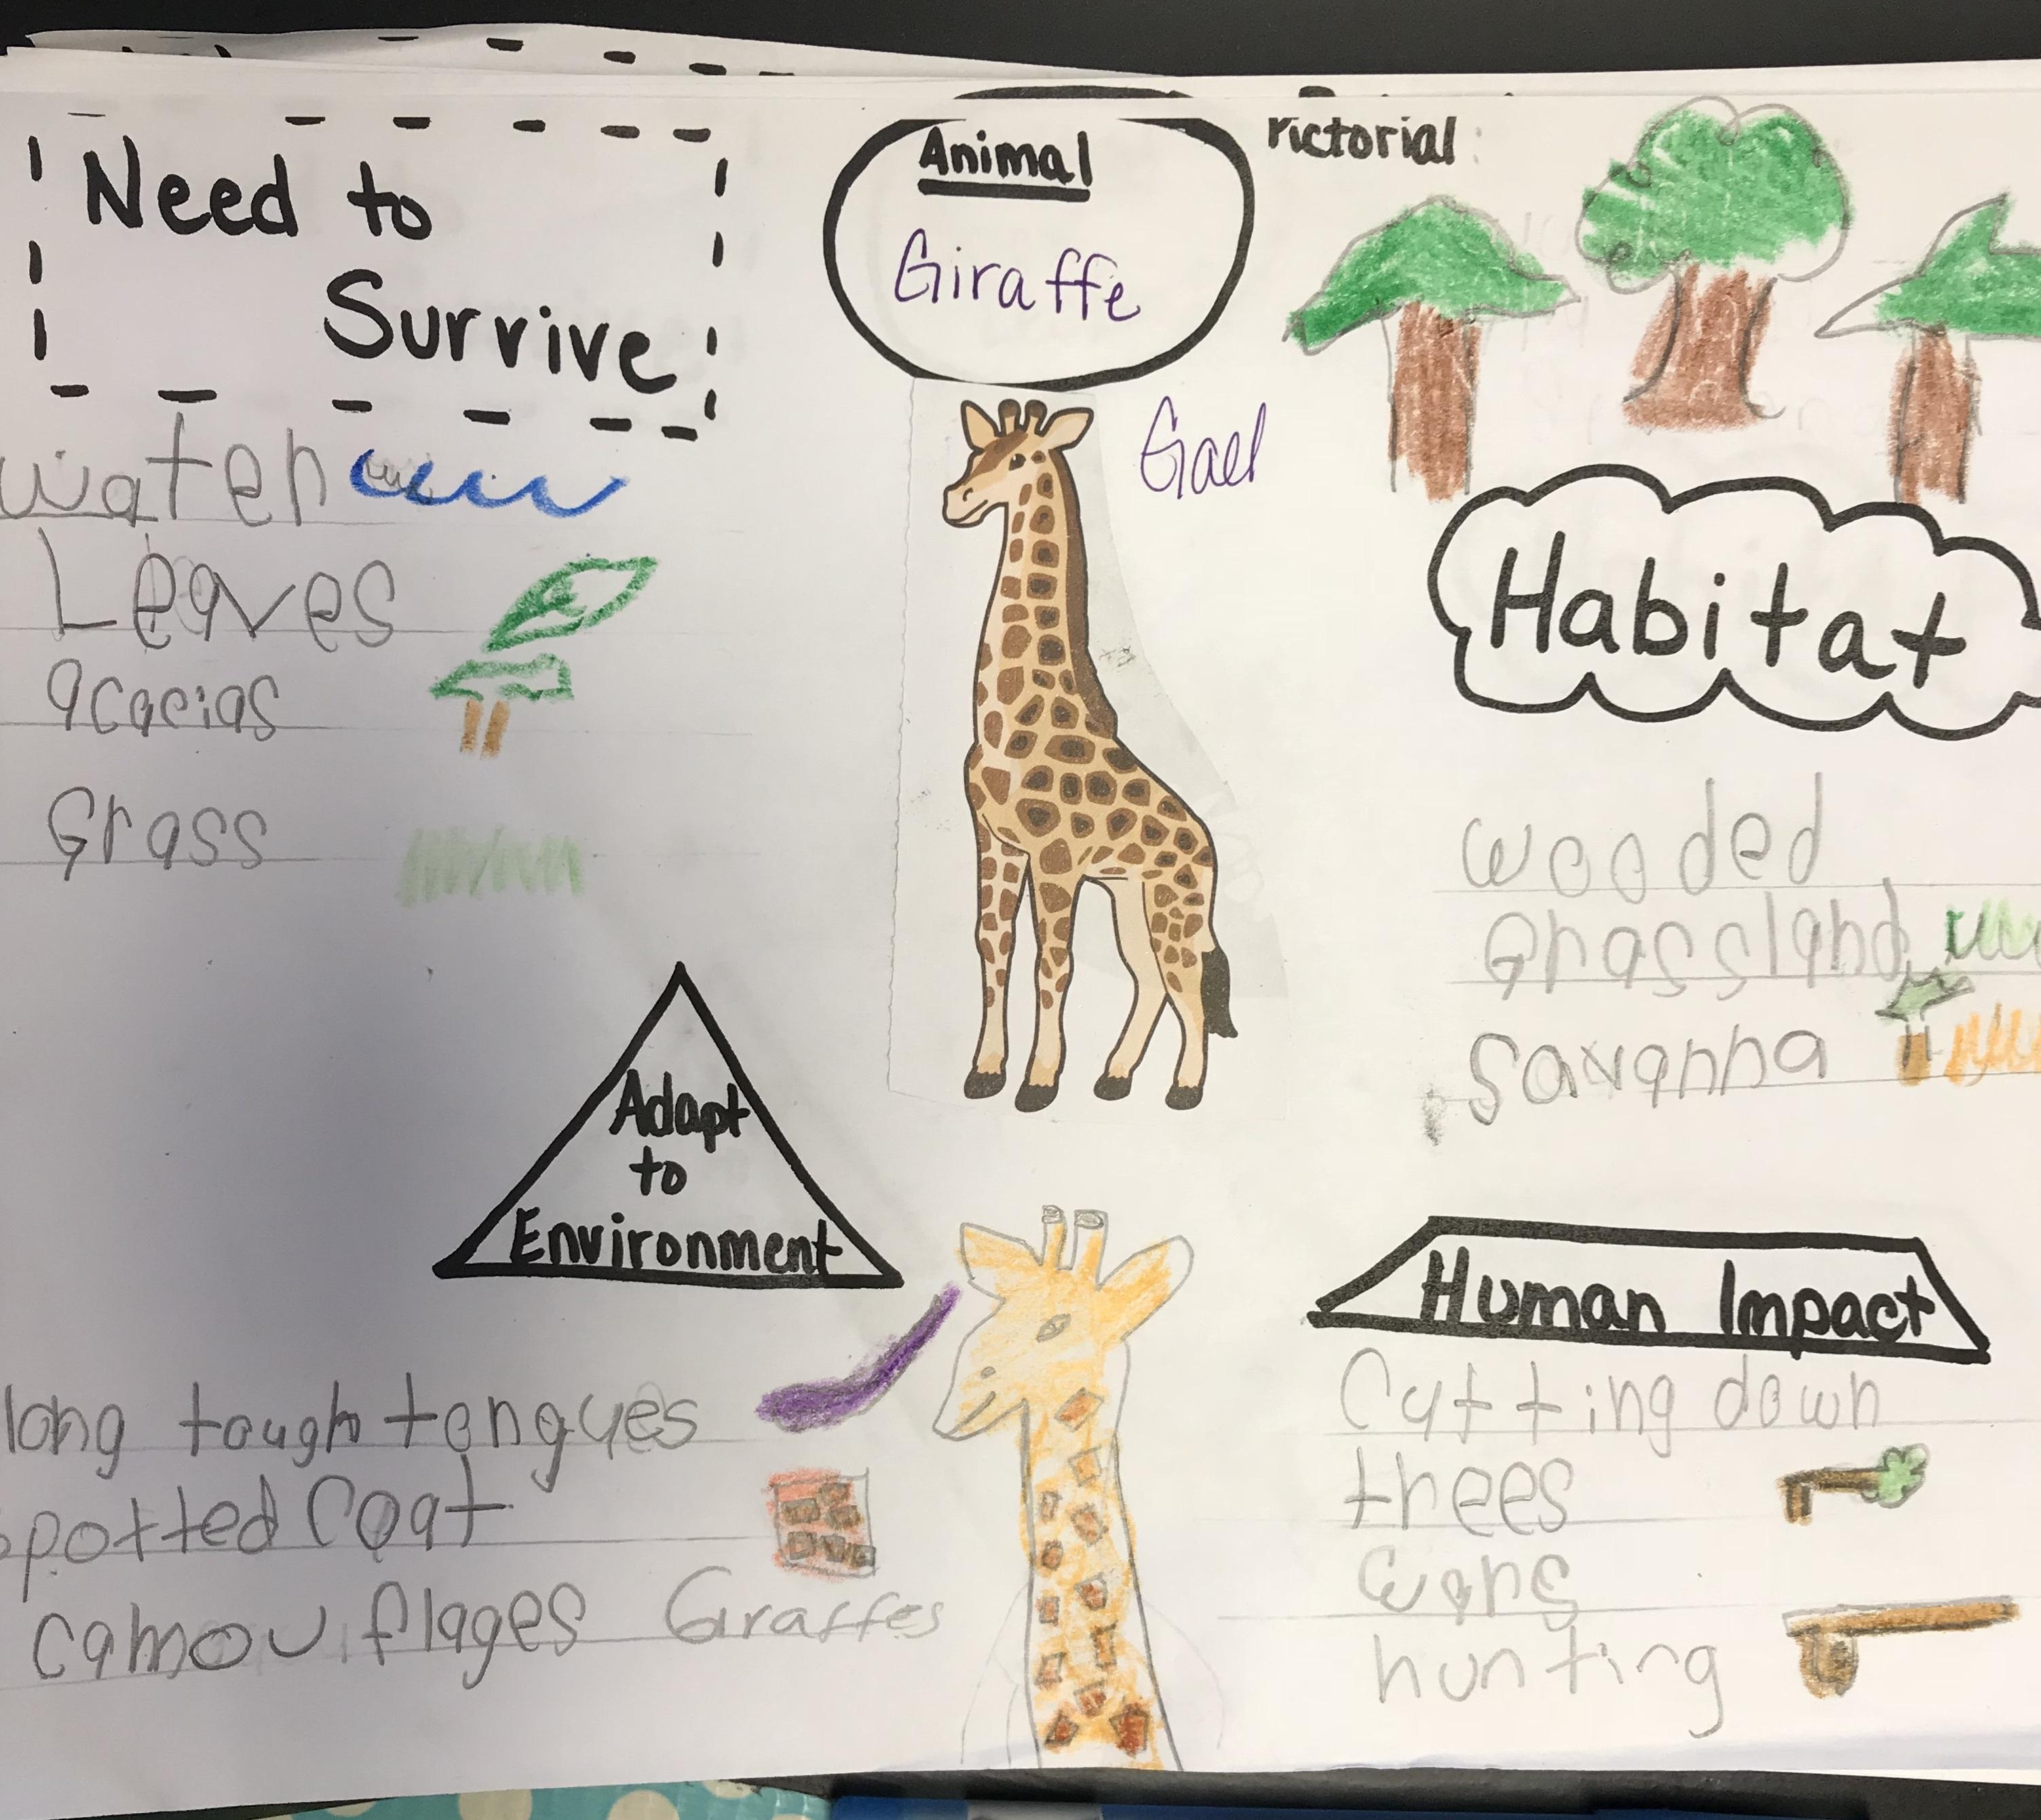 giraffe-pictorial.jpg#asset:7642